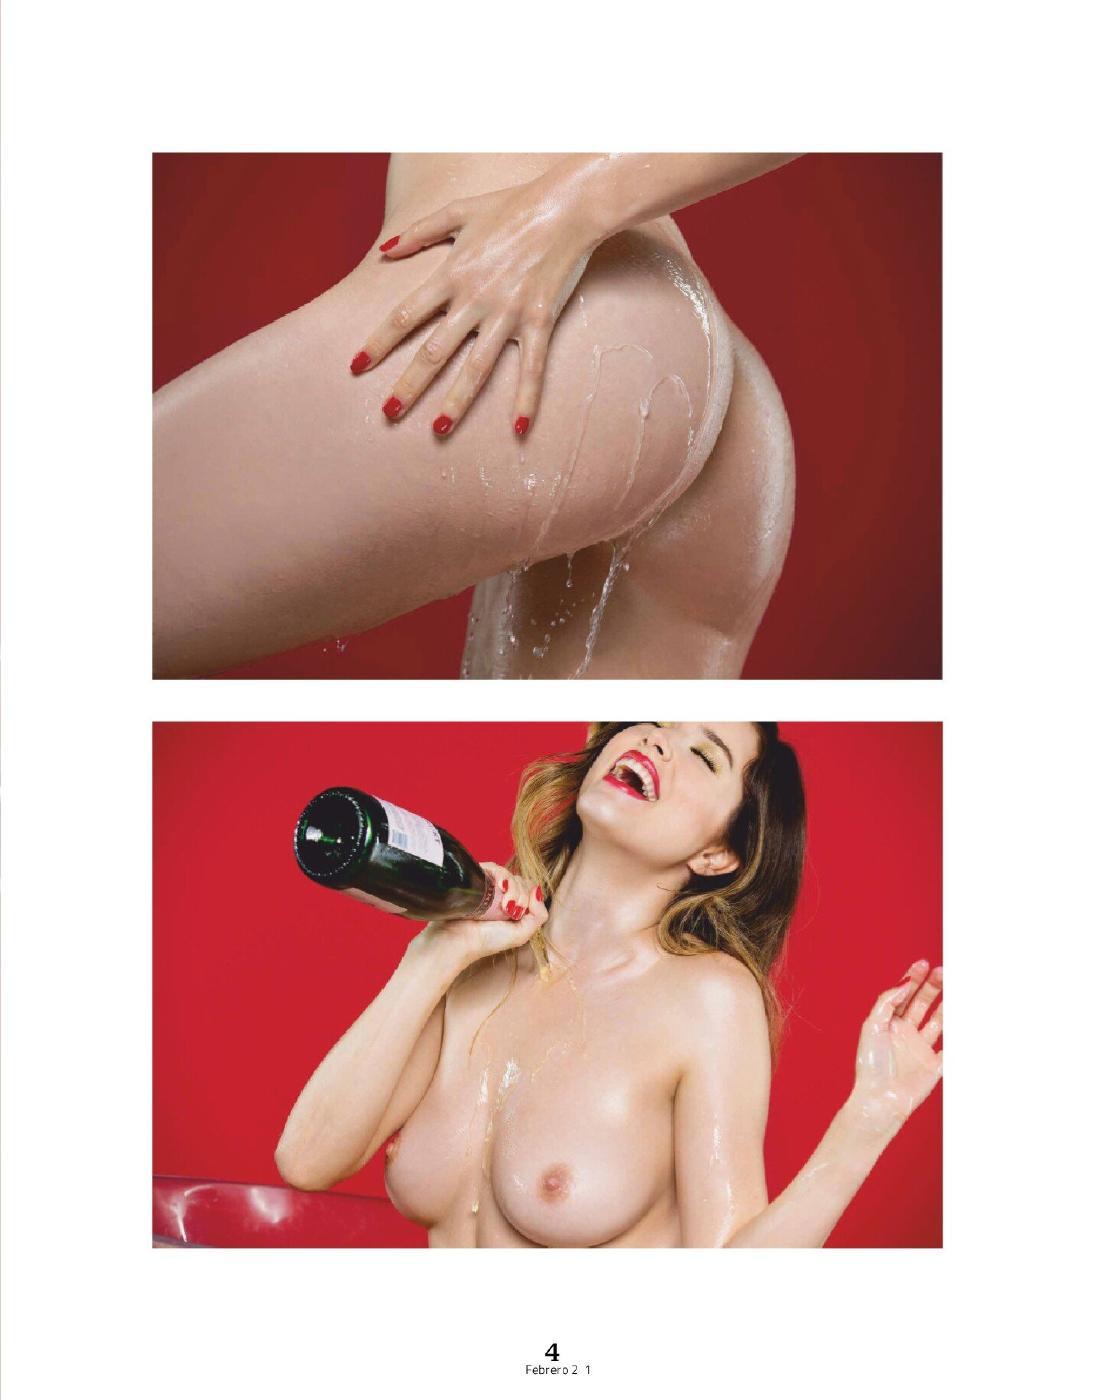 Lauren Summer Nude Playboy Photoshoot Leaked Uxknso